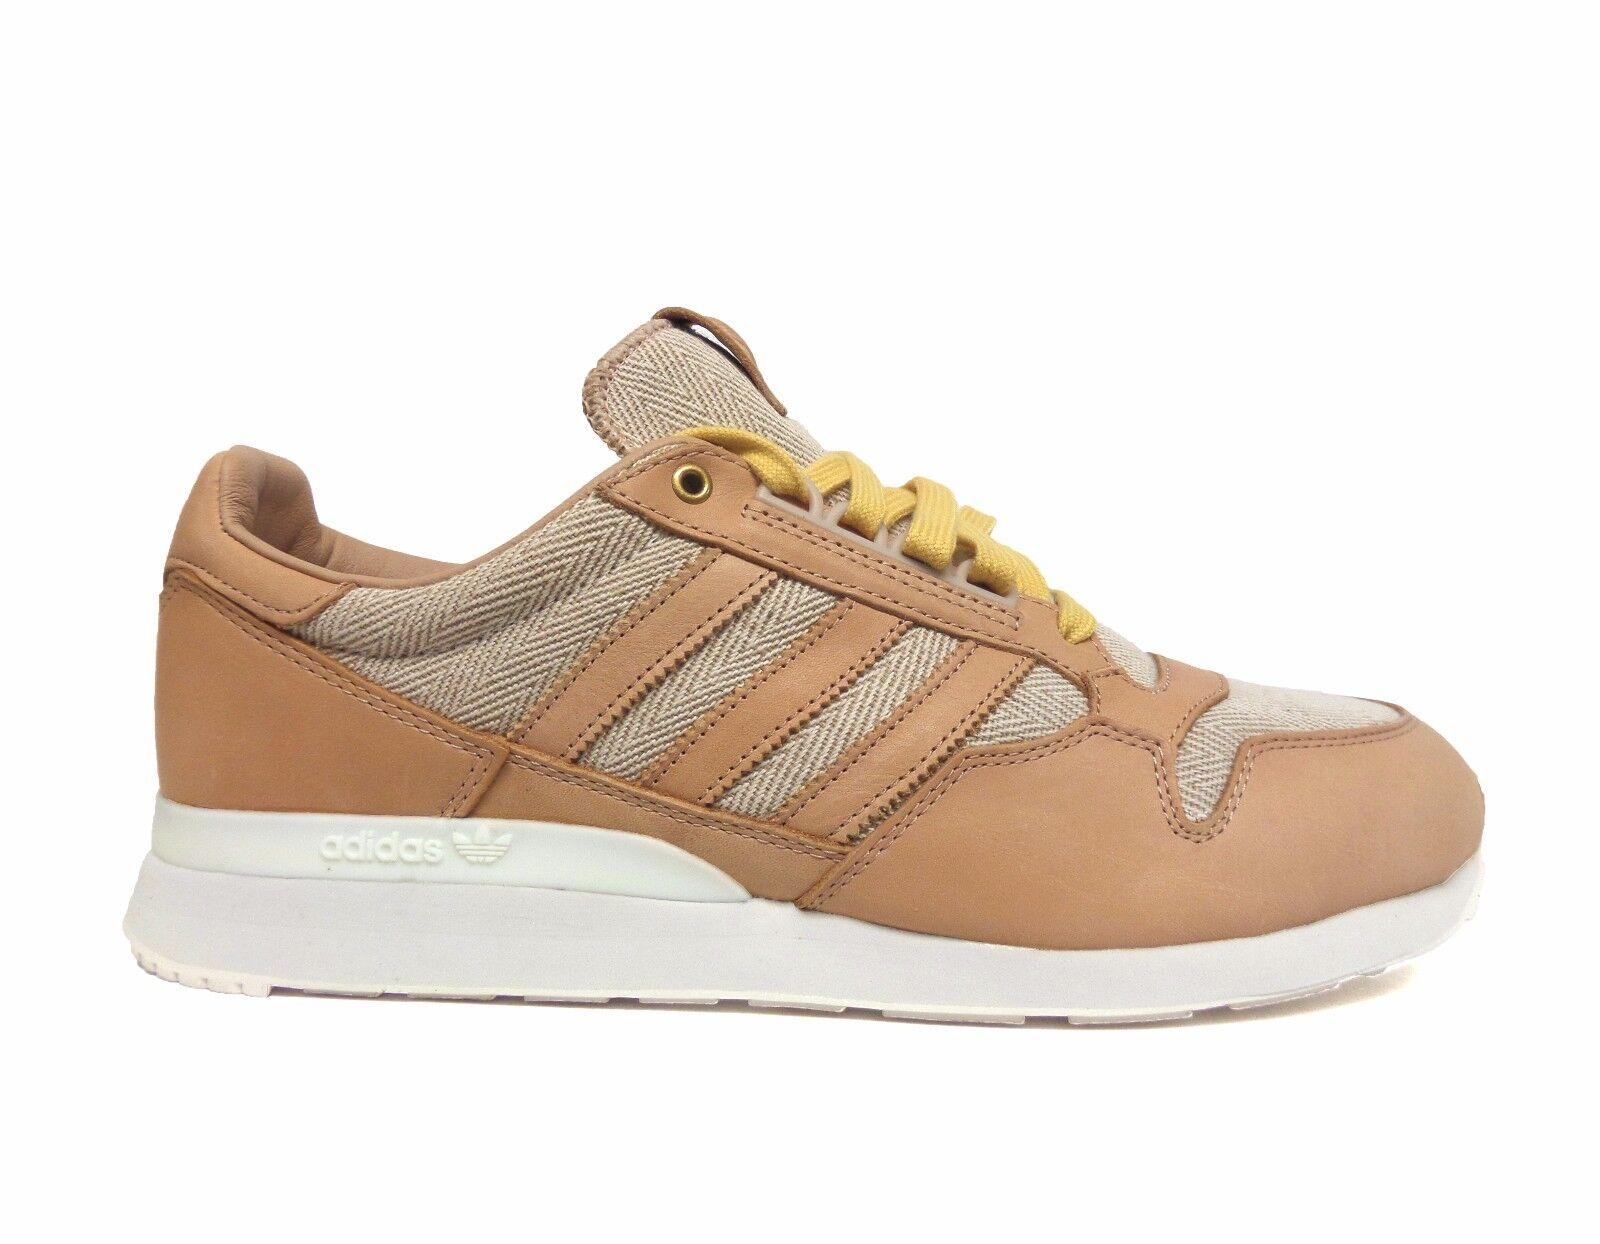 Adidas originale zx 500 uomini da nigo scarpe d'oro / bianco m21518 a1